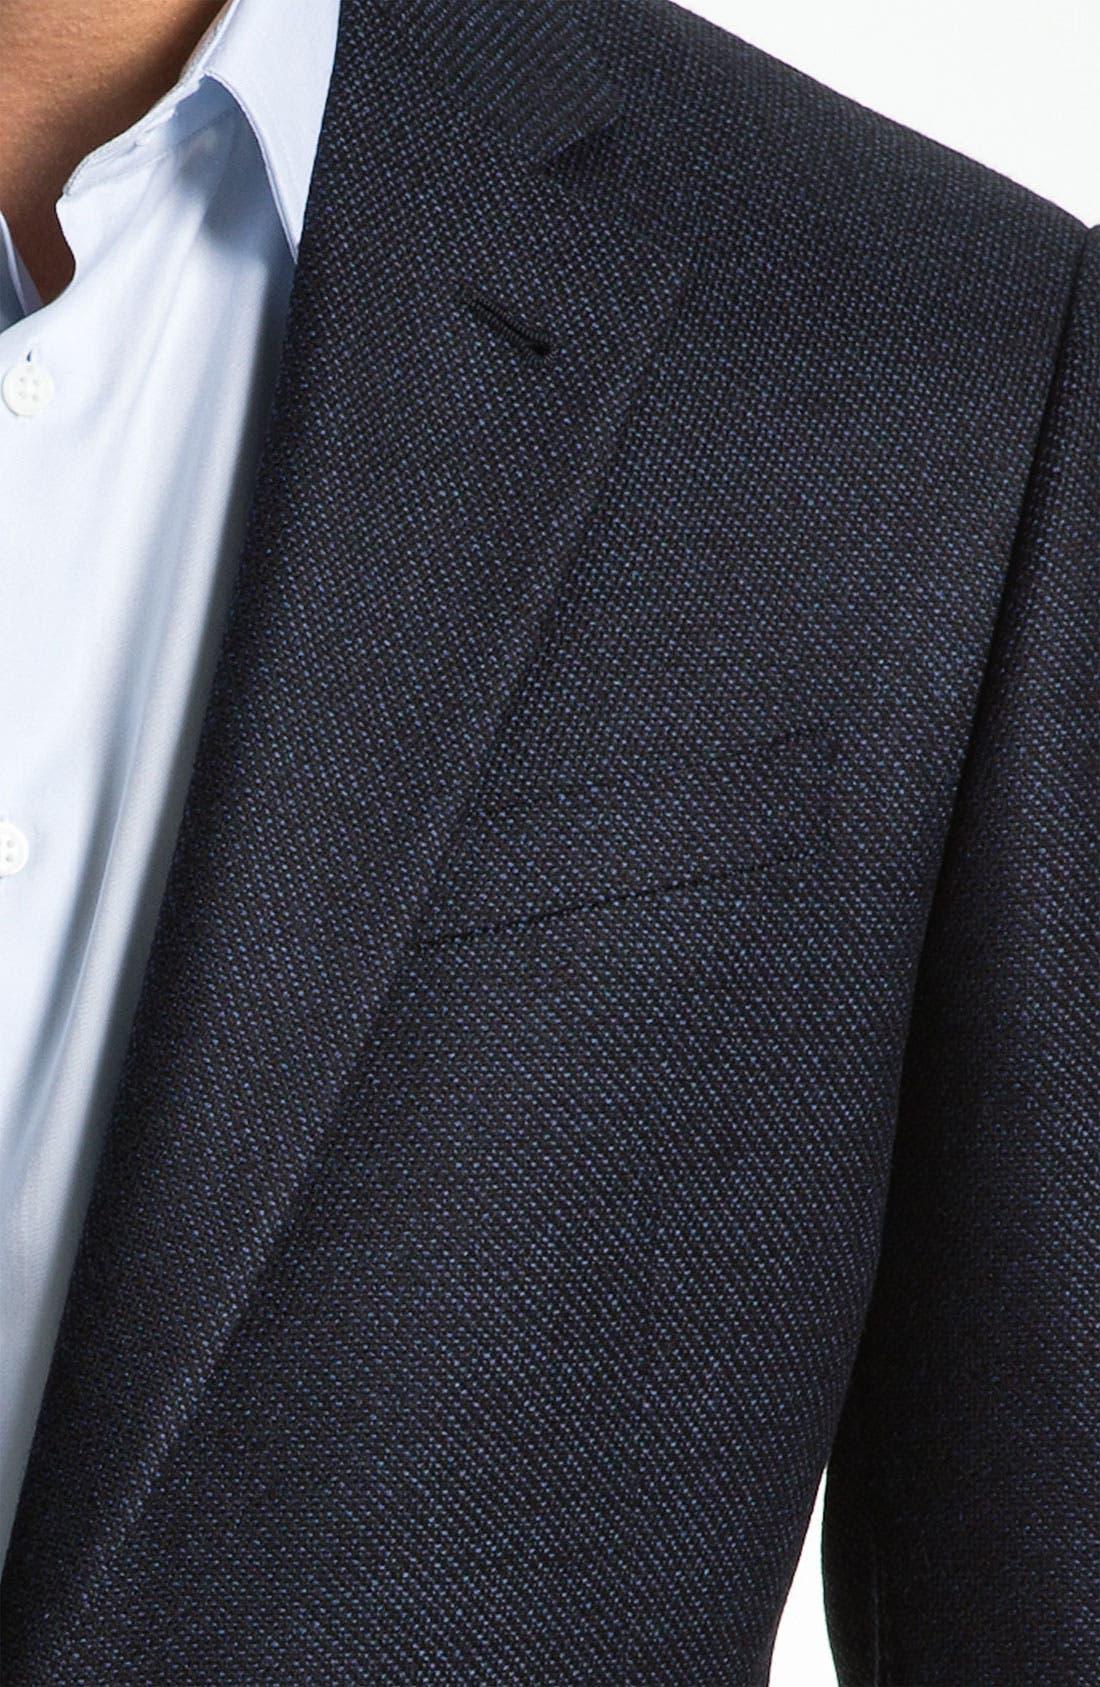 Alternate Image 3  - Armani Collezioni 'Giorgio' Trim Fit Sportcoat